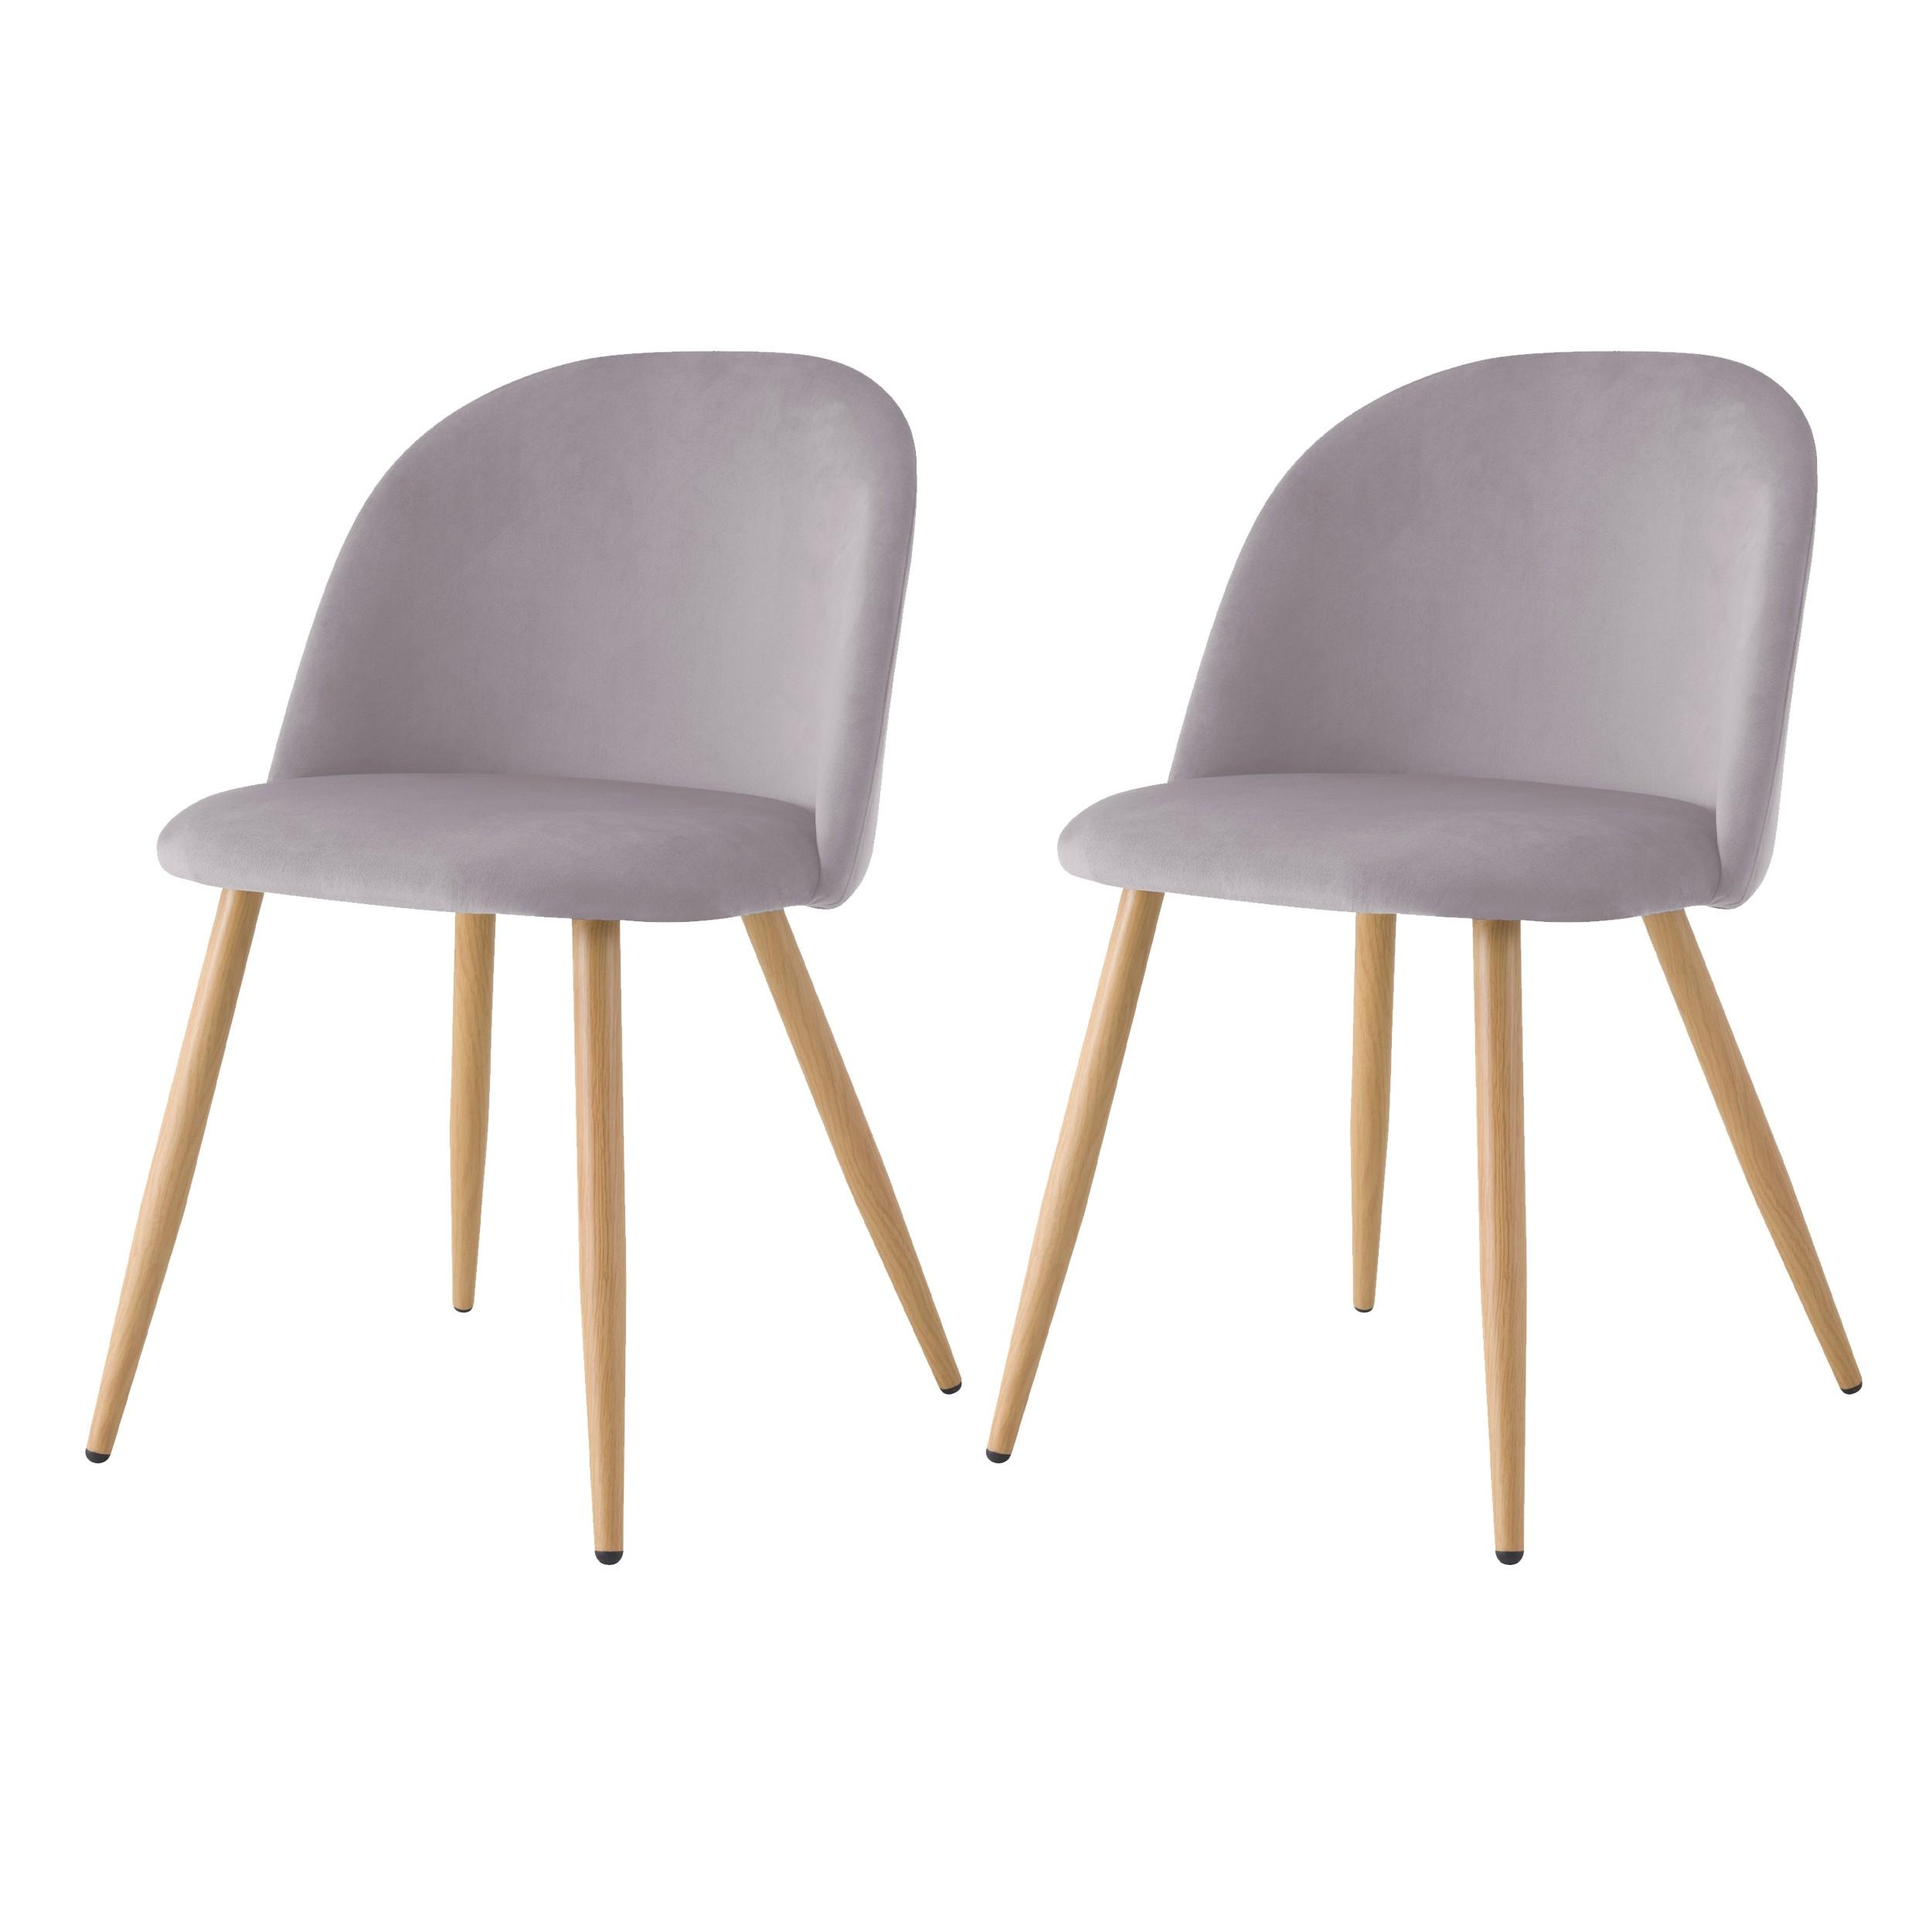 acheter chaise lot de 2 scandinave-grises